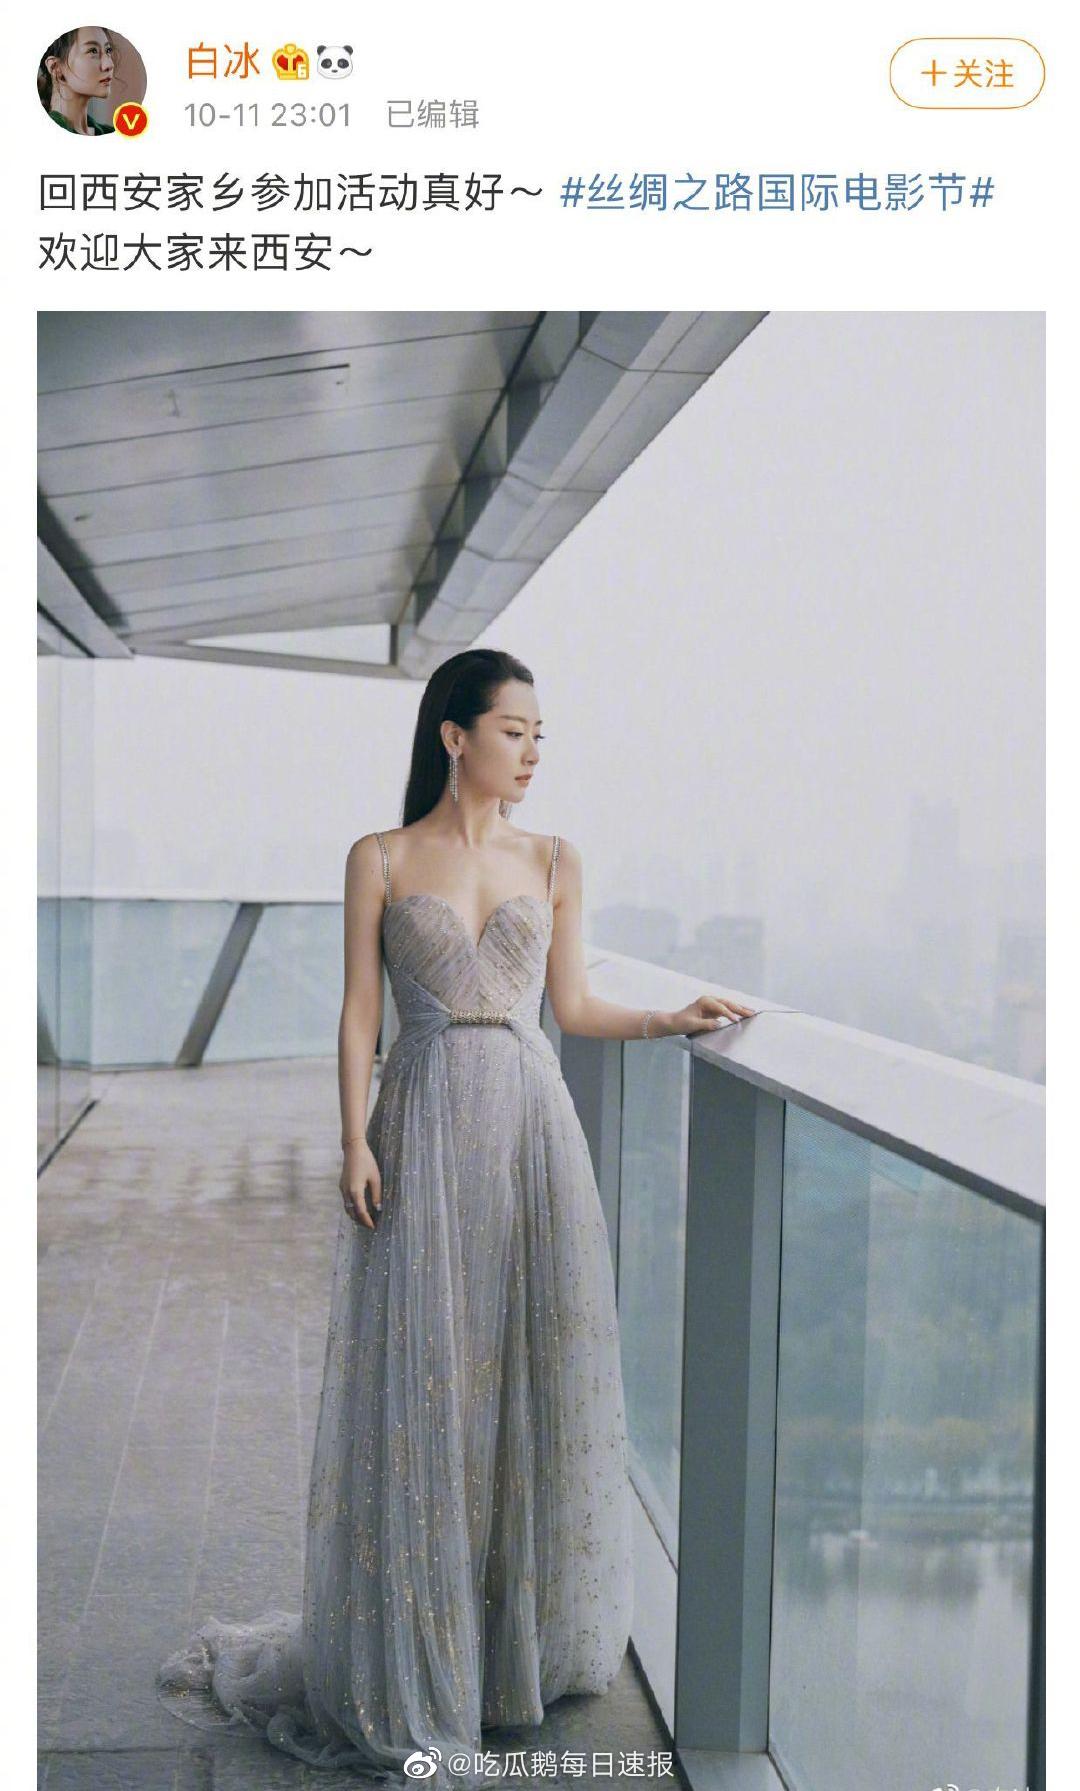 白冰着品牌礼服出席活动被指通过不正当渠道获得,艺人该为团队失误负责吗?